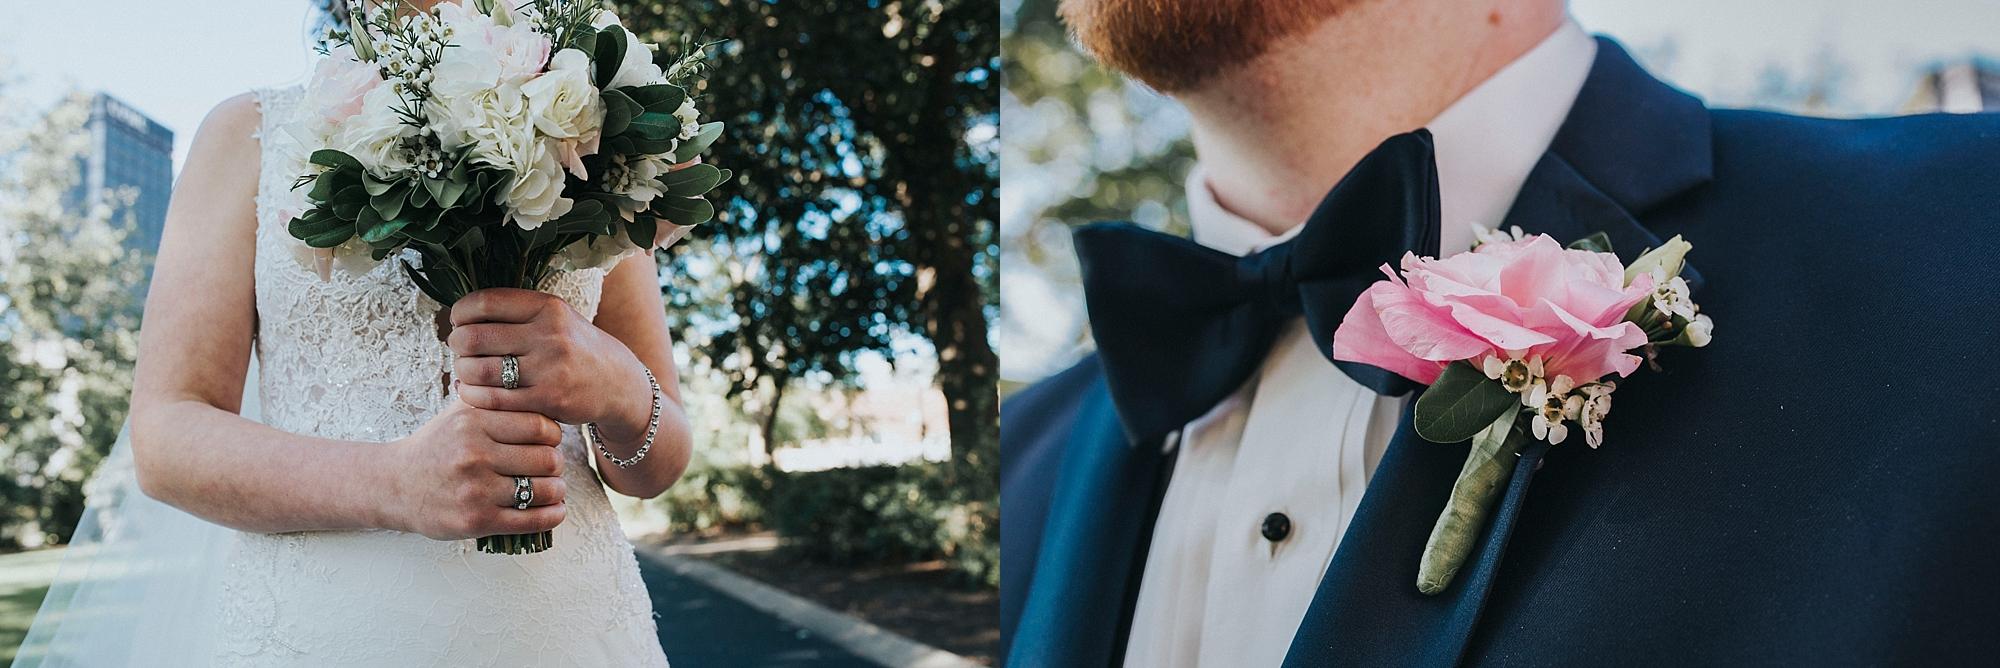 Duquesne-club-wedding-Pittsburgh_0046.jpg